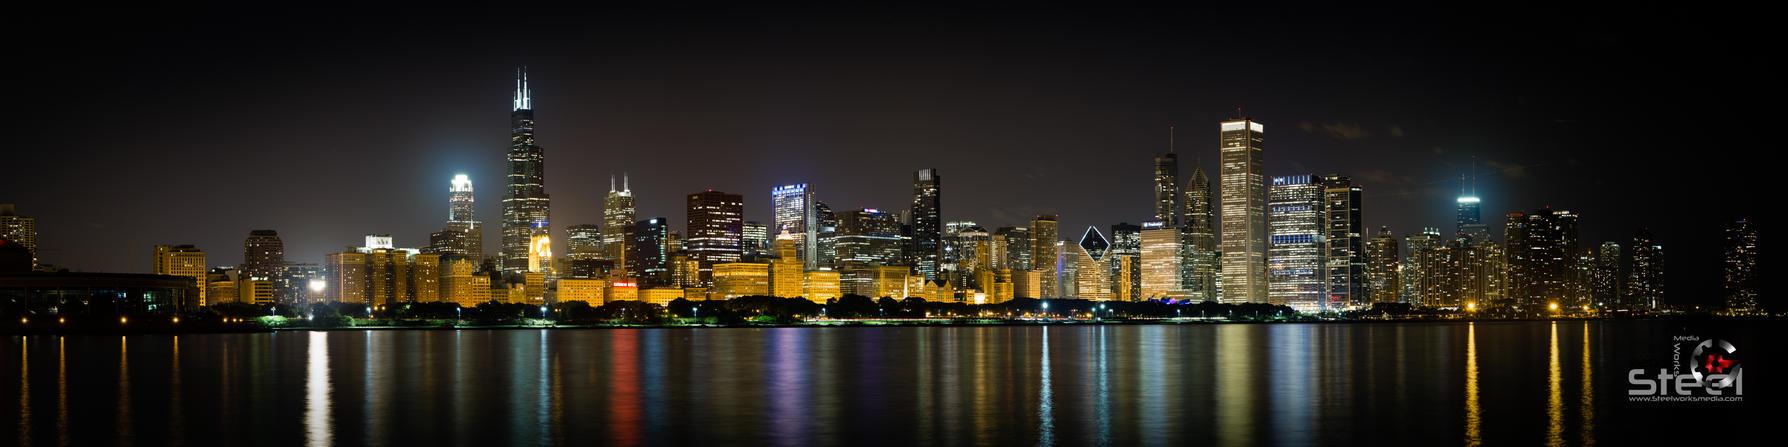 Chicago by ANNIHILATOR001